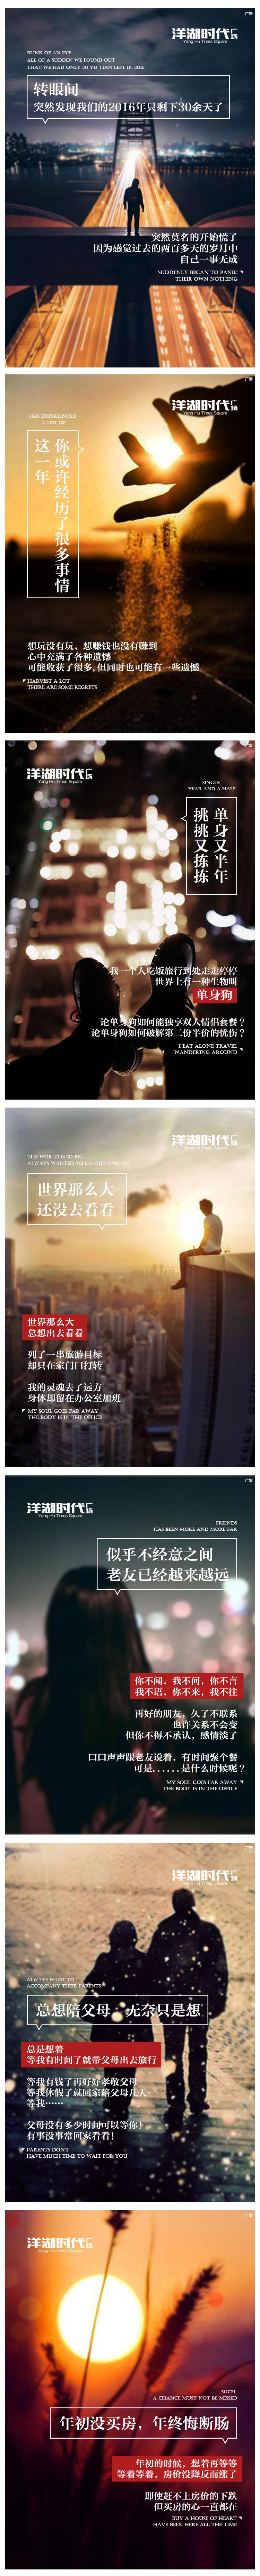 微信设计稿 房地产 微信推广 loft公寓宣传图片